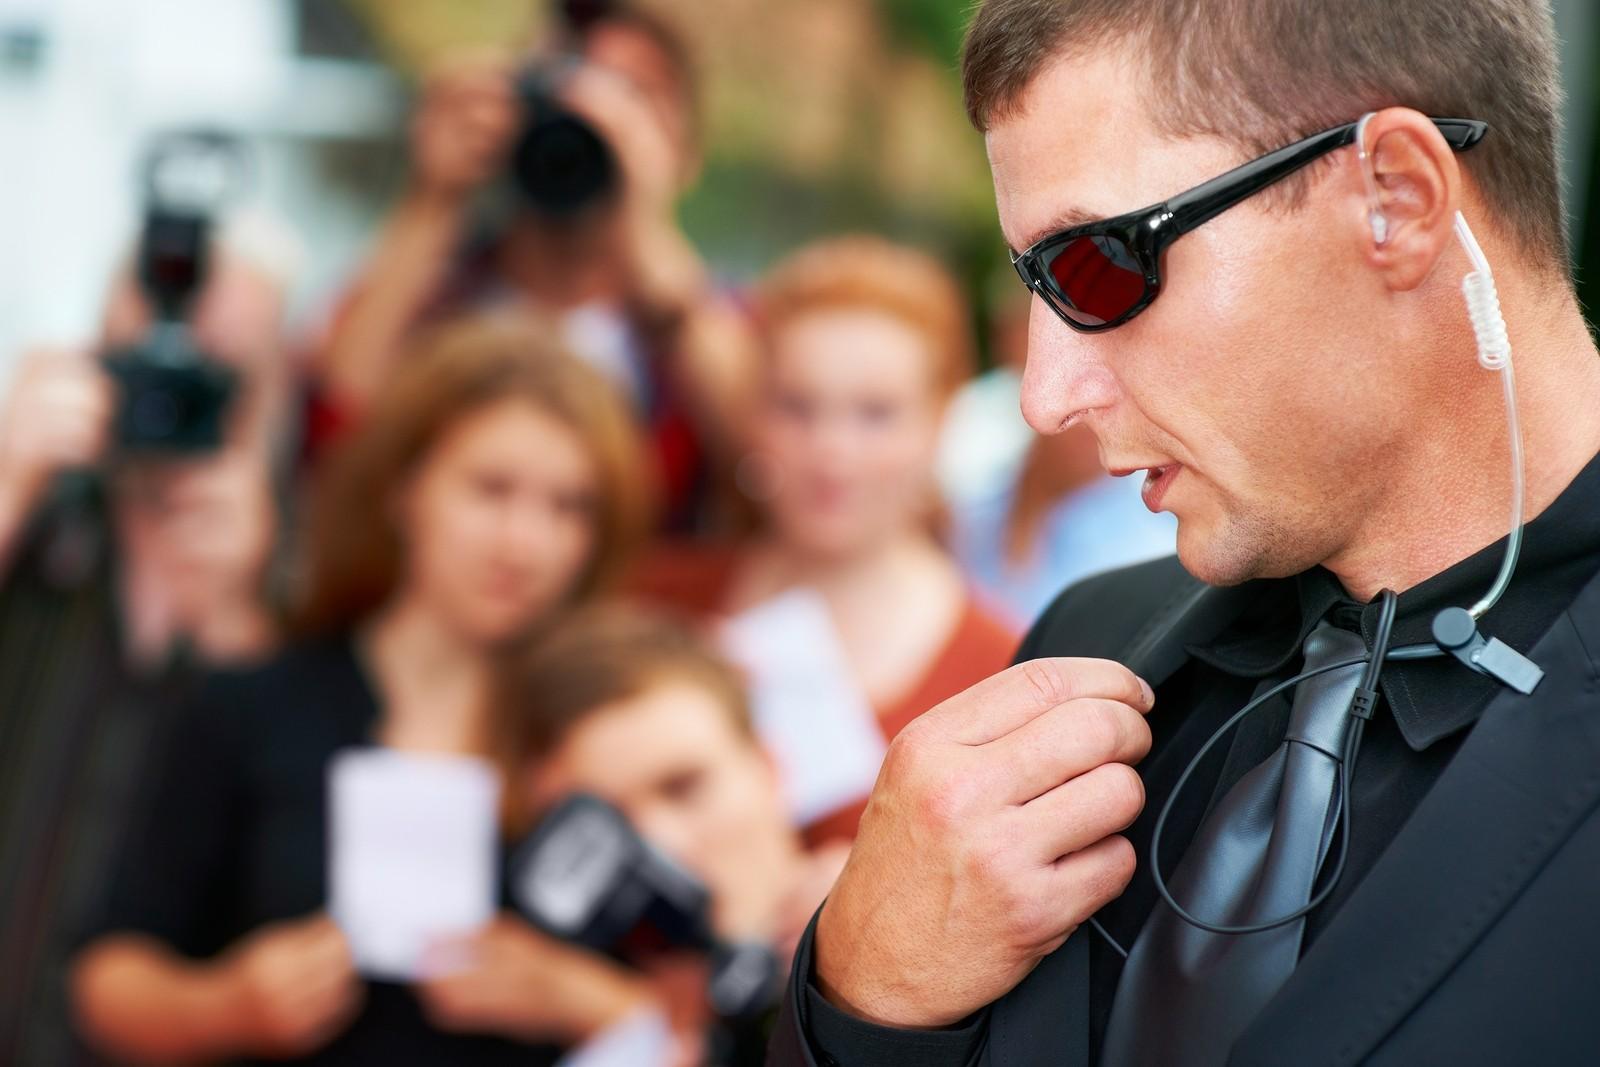 Varovanje javnih prireditev in zbiranj